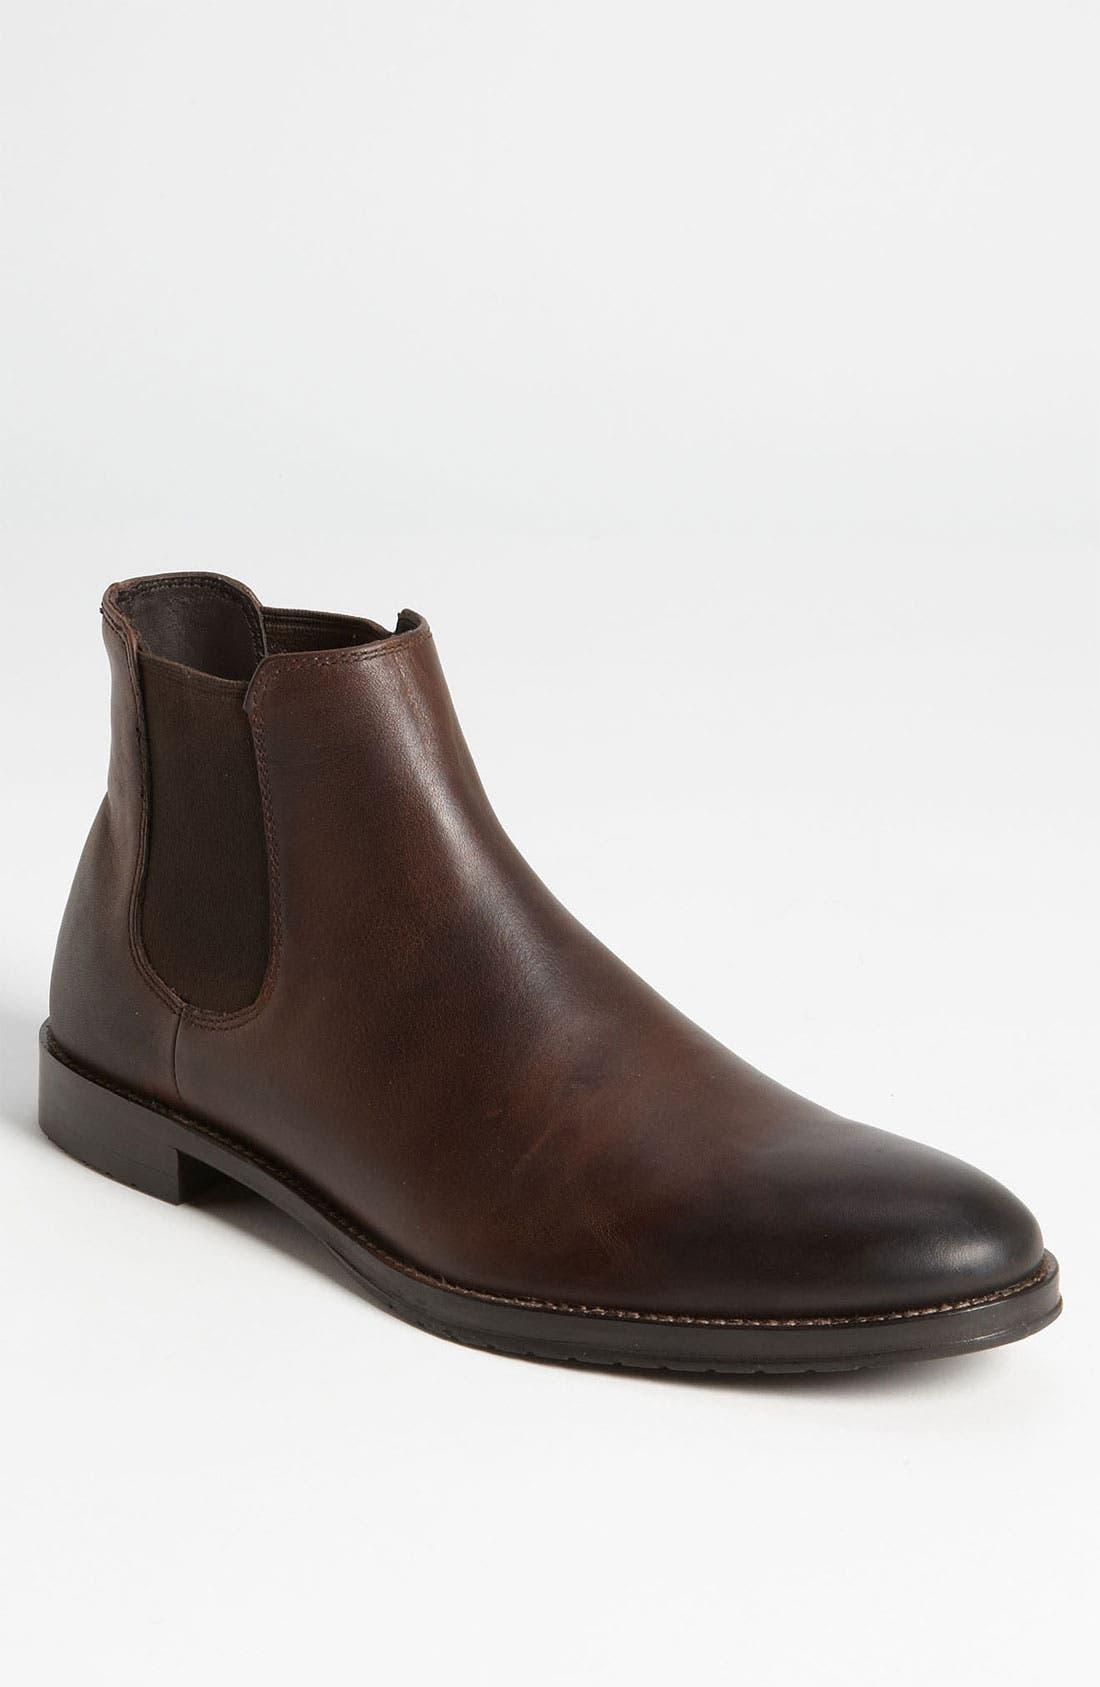 Main Image - Gordon Rush 'Ontario' Chelsea Boot